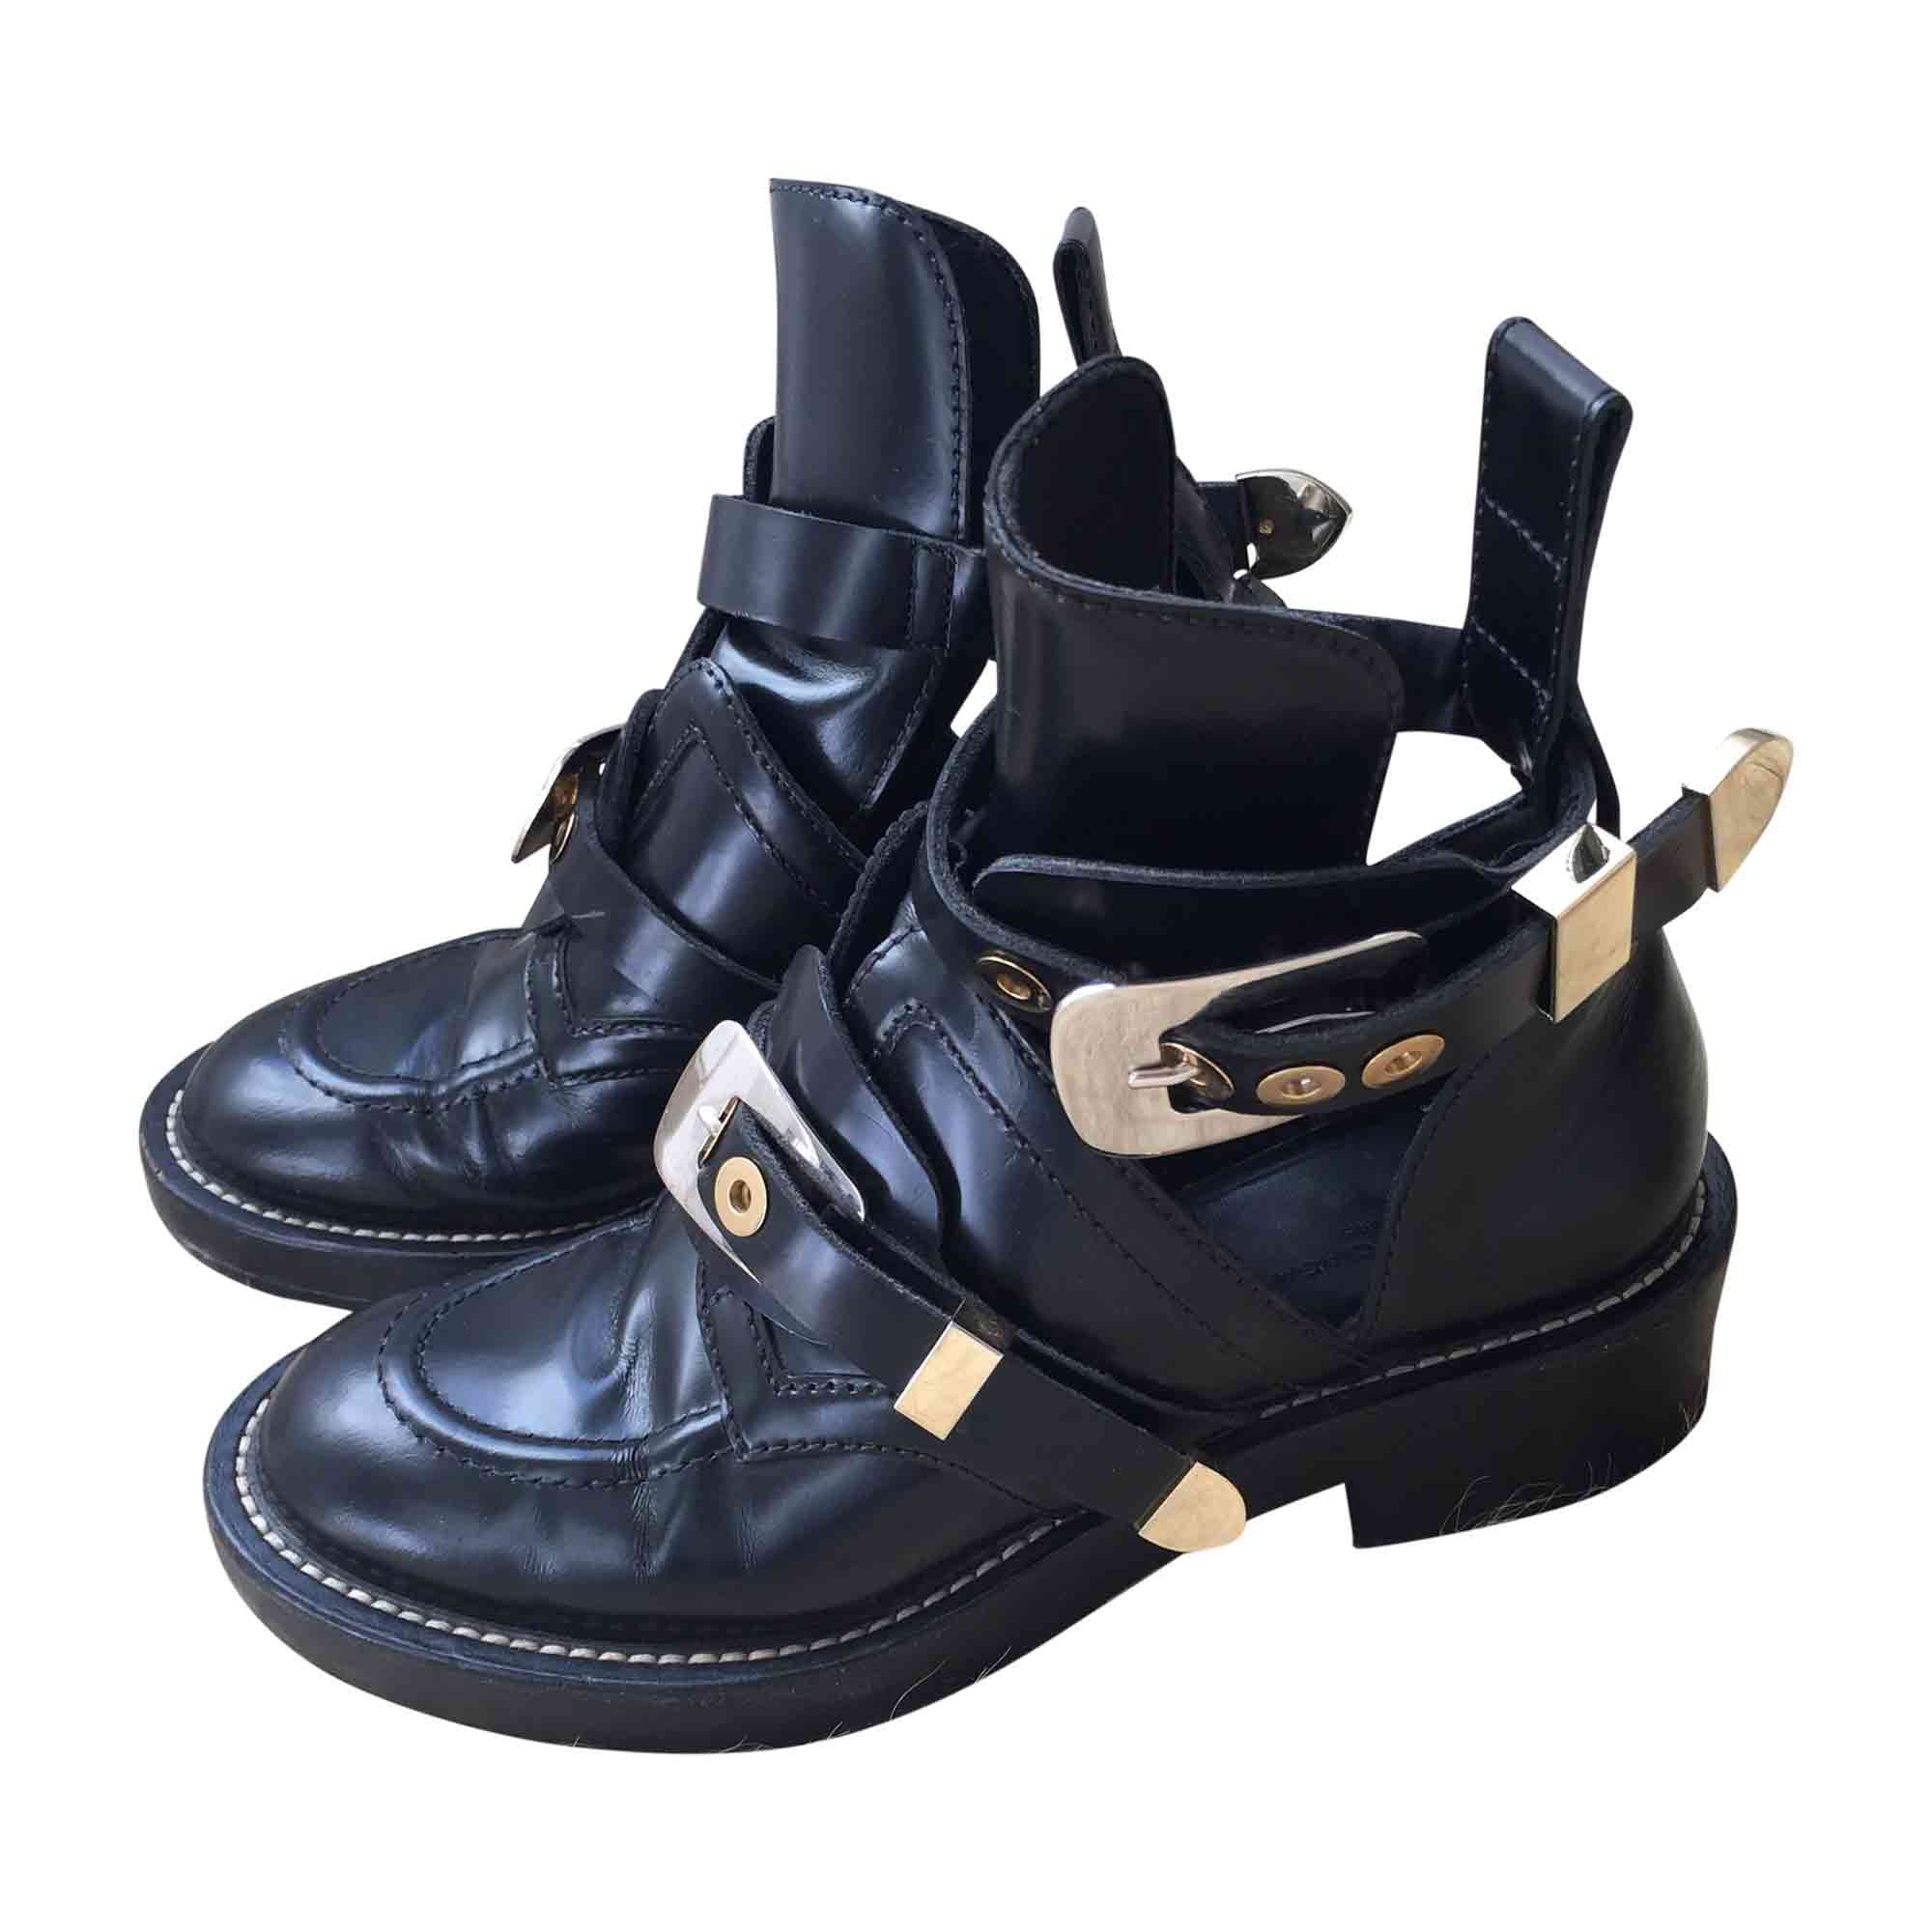 81ab3158f3896 Biker Ankle Boots BALENCIAGA 37